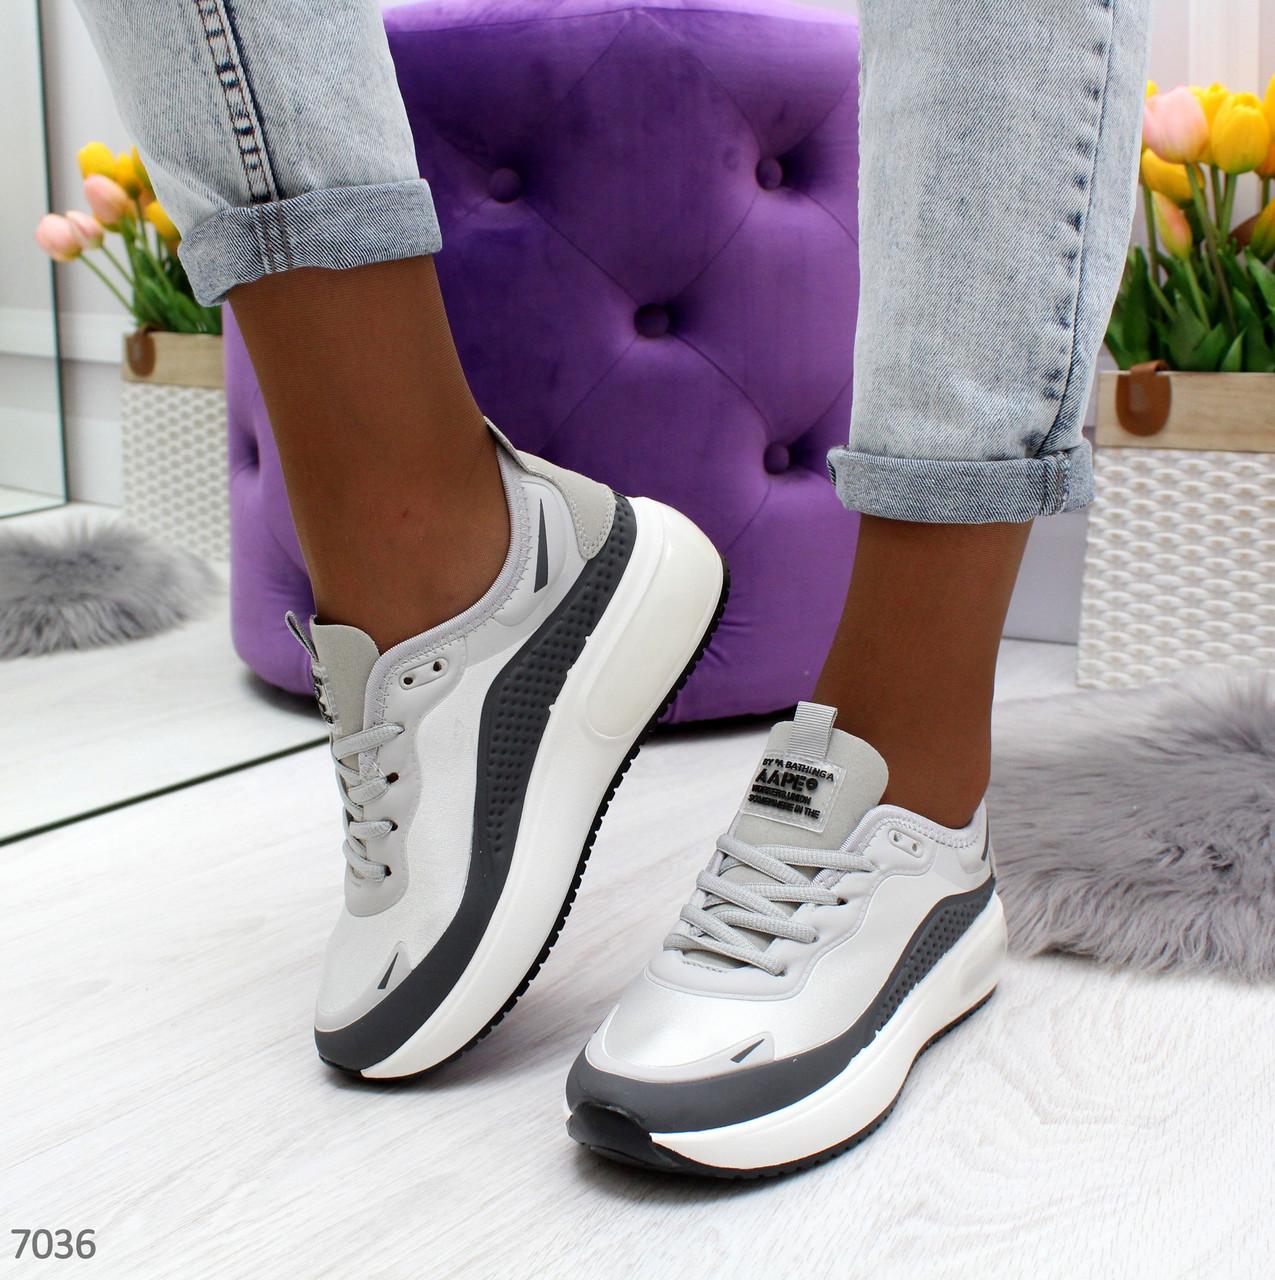 Женские кроссовки на белой подошве со шнуровкой OB7036